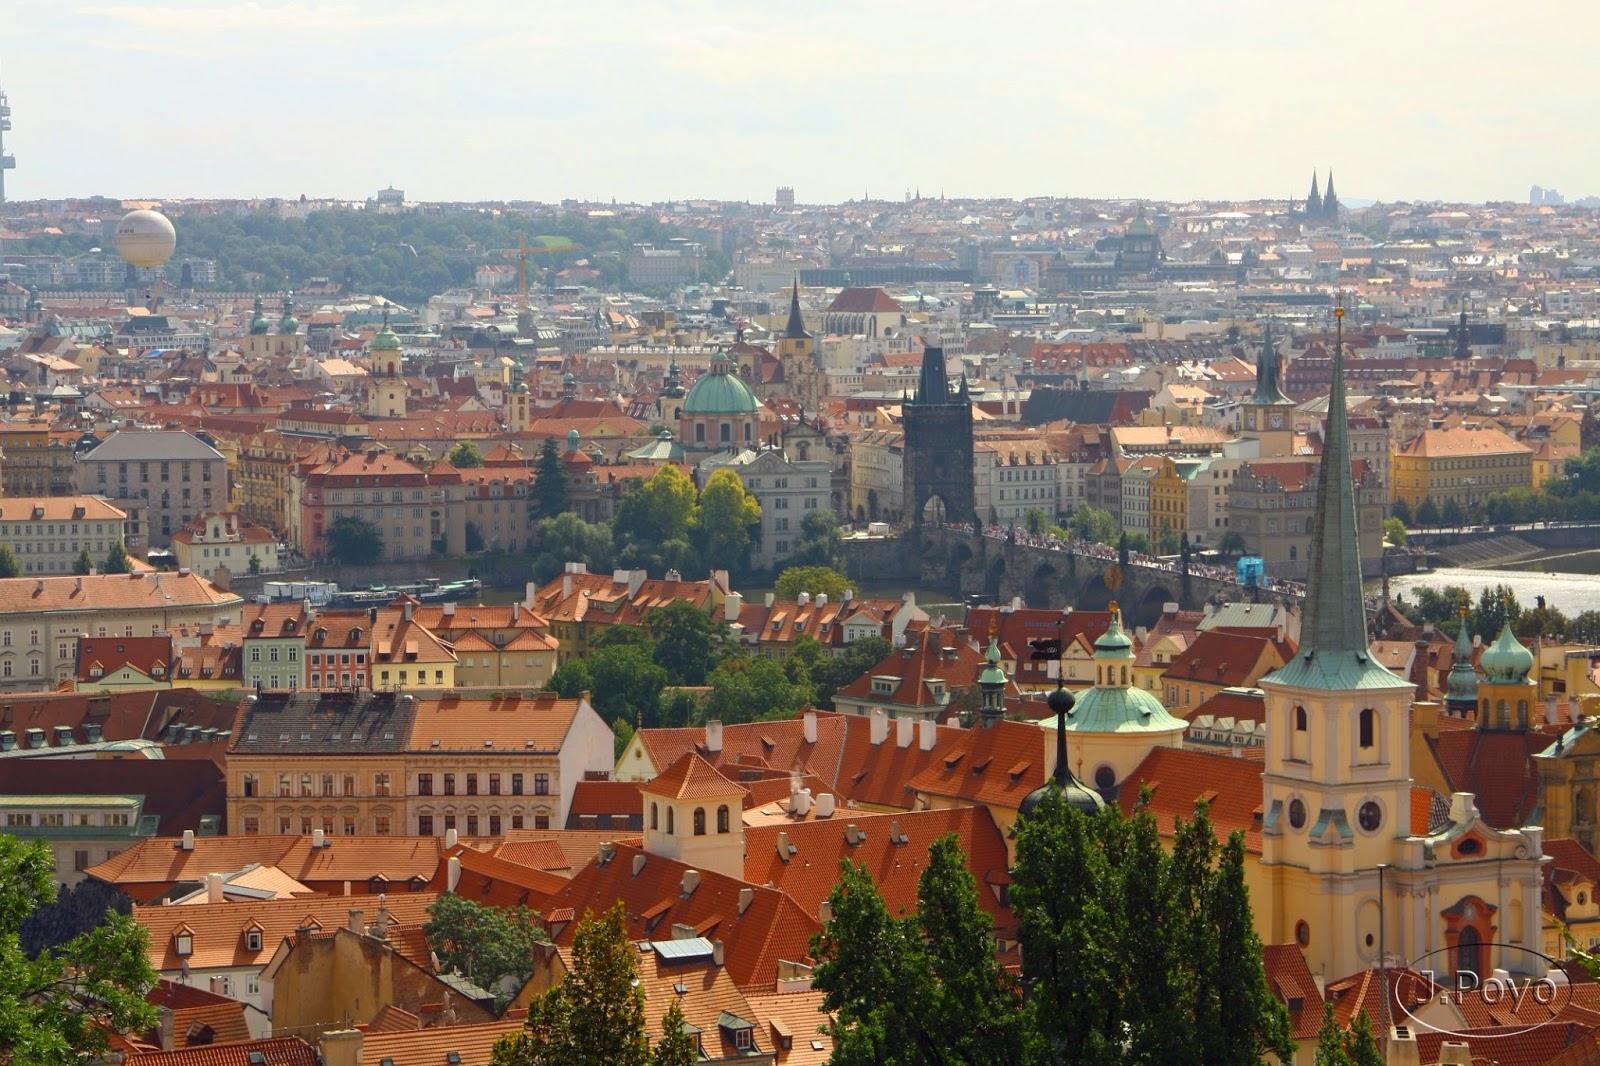 Visitando el Castillo de Praga y Malá Strana